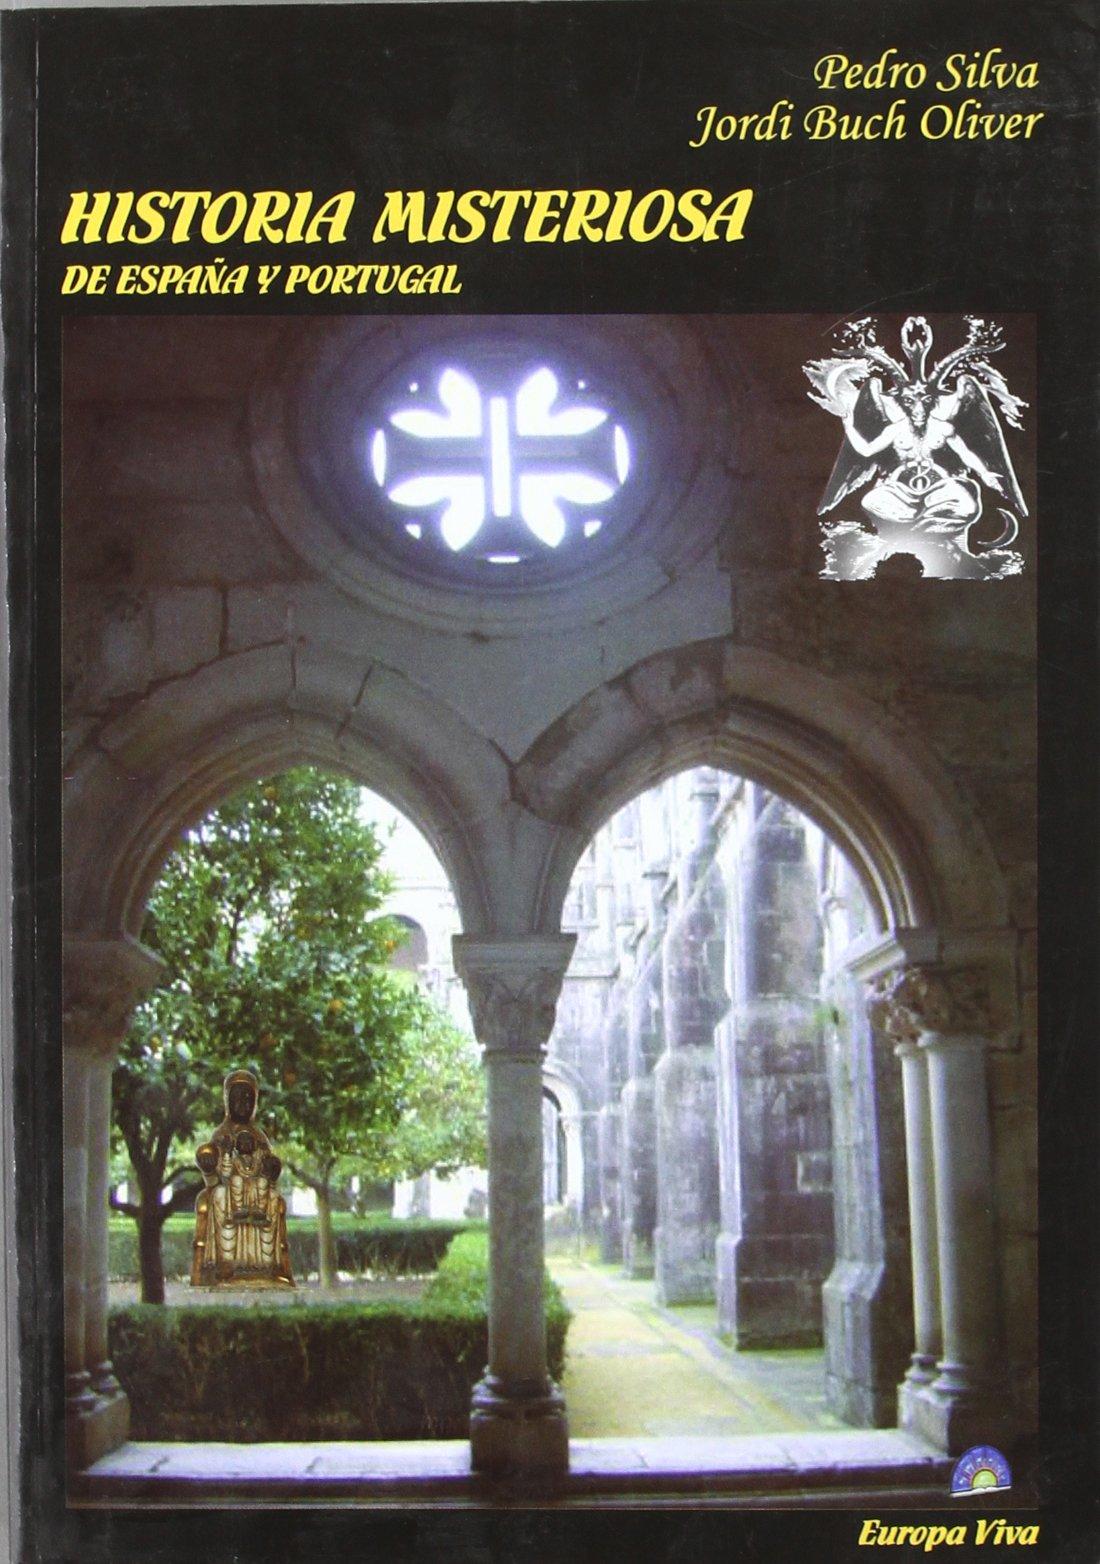 Historia misteriosa de España y Portugal: Amazon.es: Buch, Jordi, Silva, Pedro: Libros